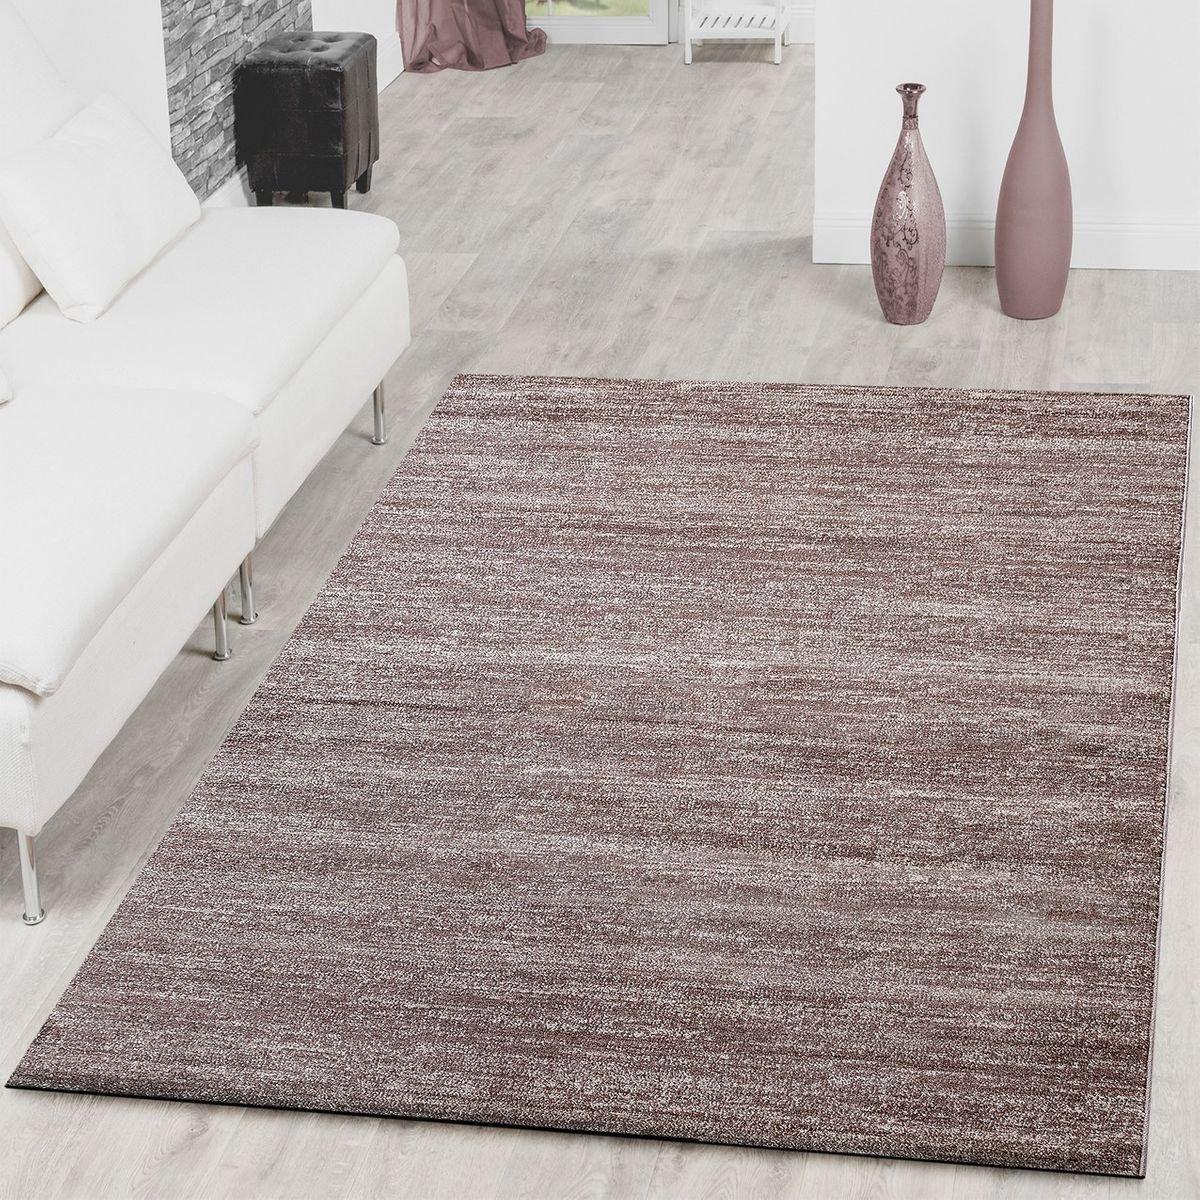 T&T Design Teppich Braga Modern Kurzflor Teppiche Wohnzimmer Einfarbig Meliert Uni Beige, Größe 240x320 cm